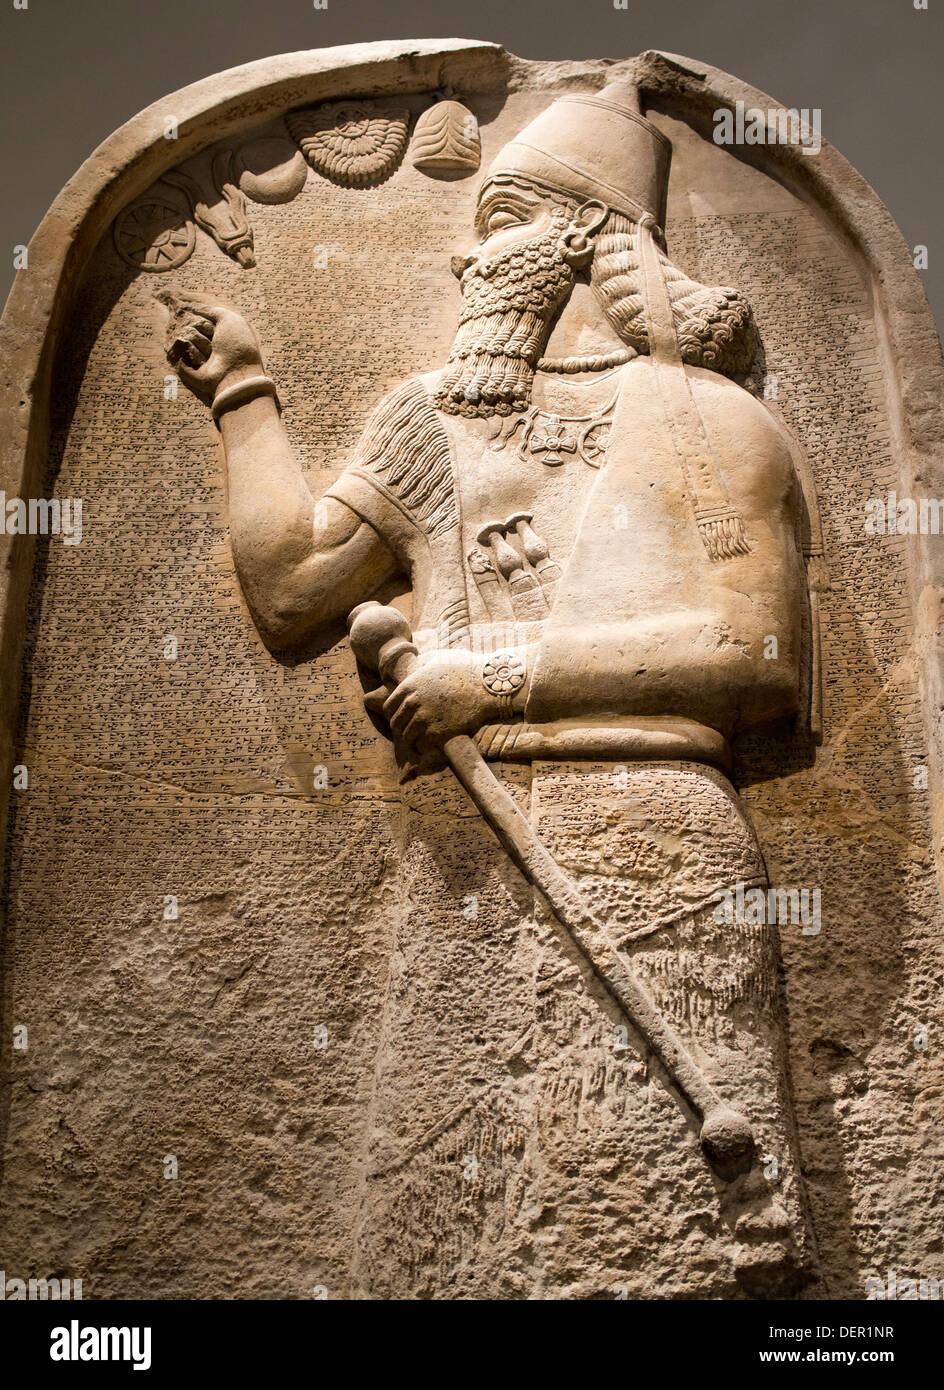 Ashurbanipal - Wikipedia